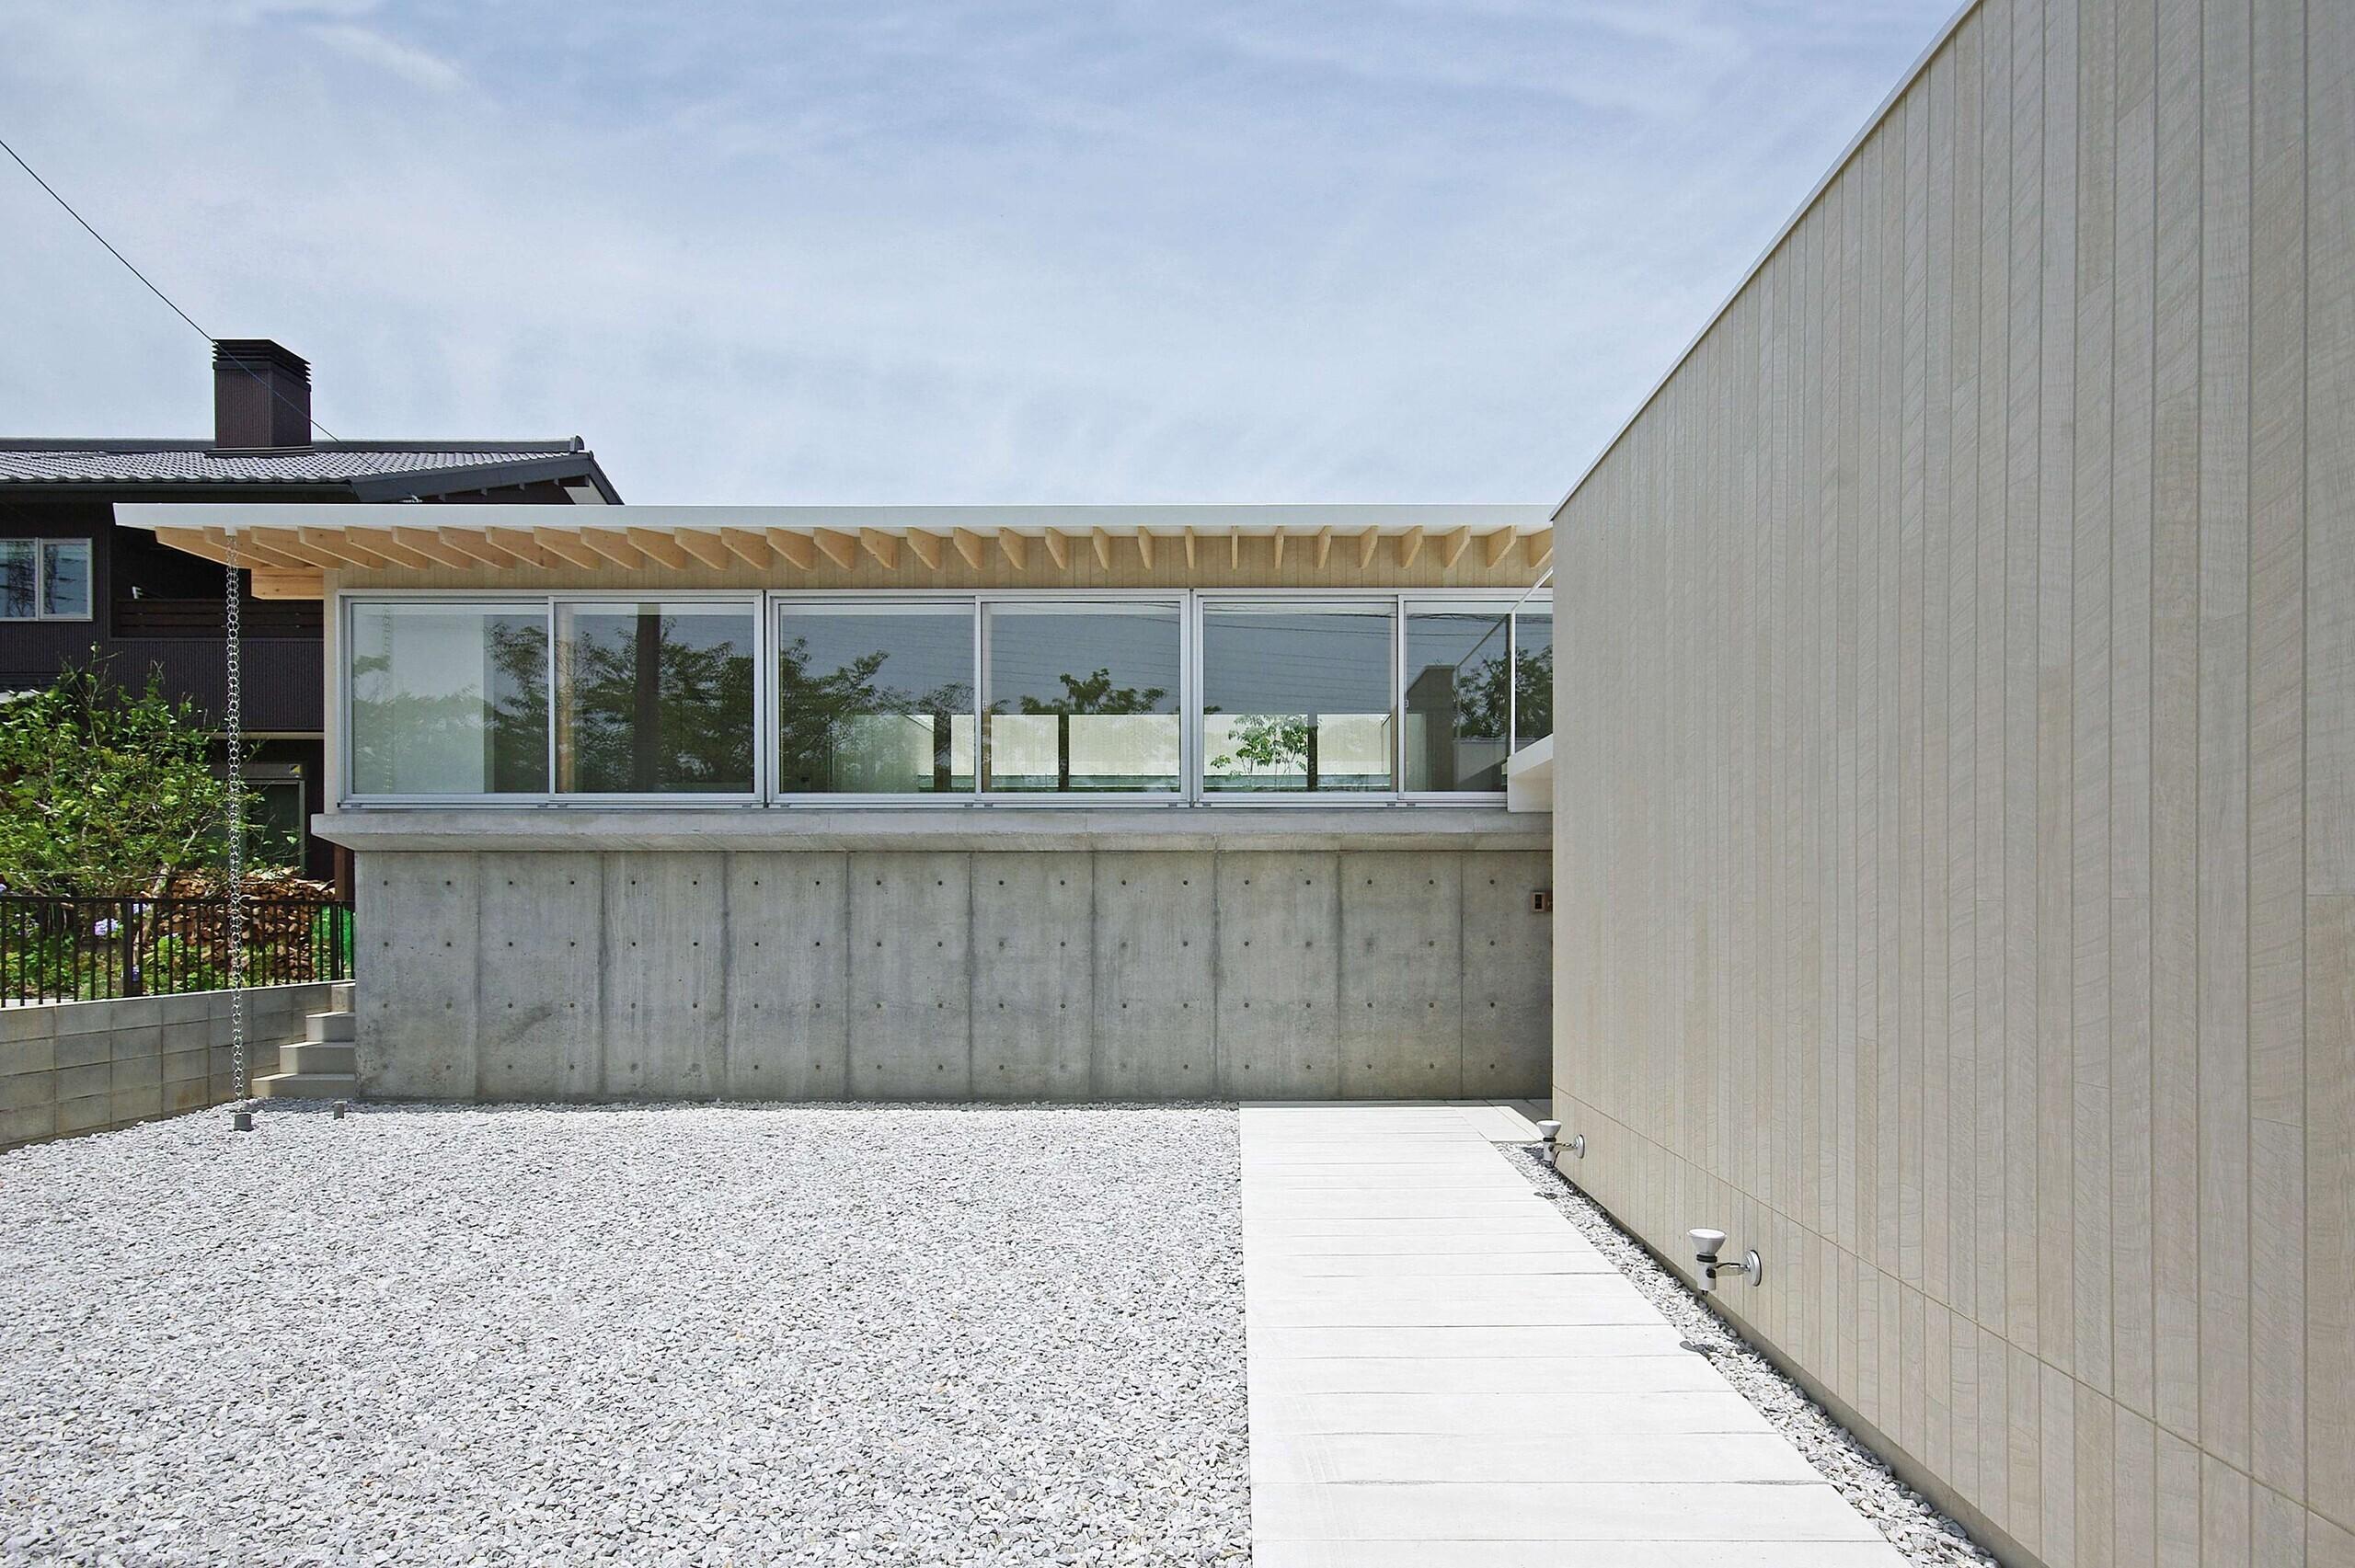 敷地の高低差を、そのまま利用した計画。1m程上げることで、道路を歩く人の視線が気にならなくなります。 | 豊橋の家-toyohashi